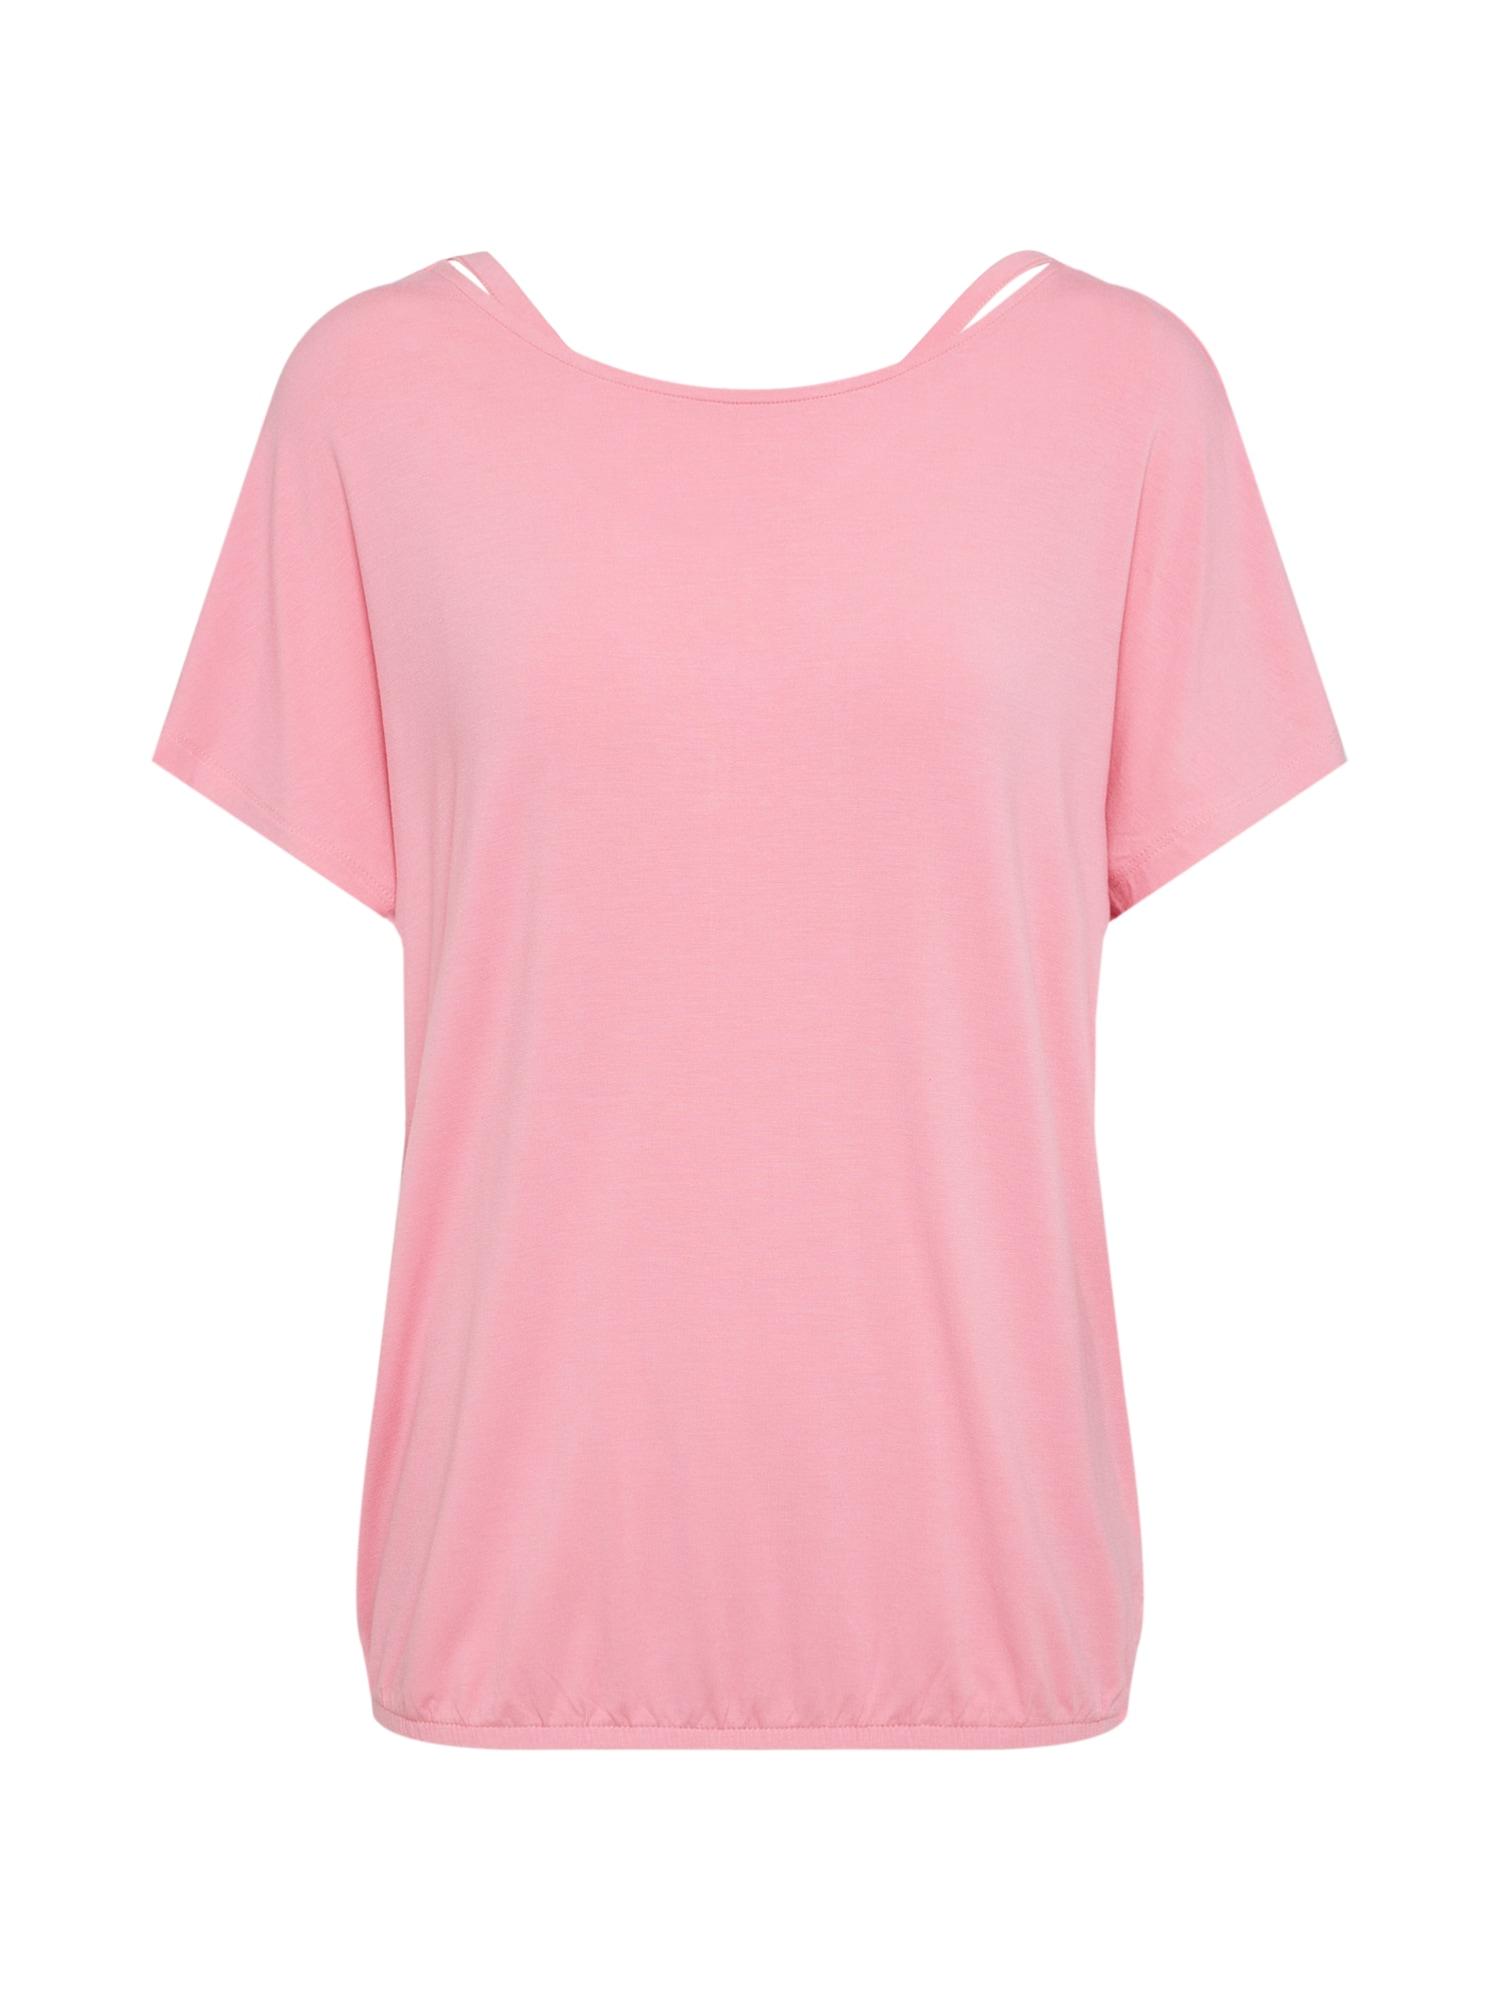 S.Oliver RED LABEL, Dames Shirt, rosa